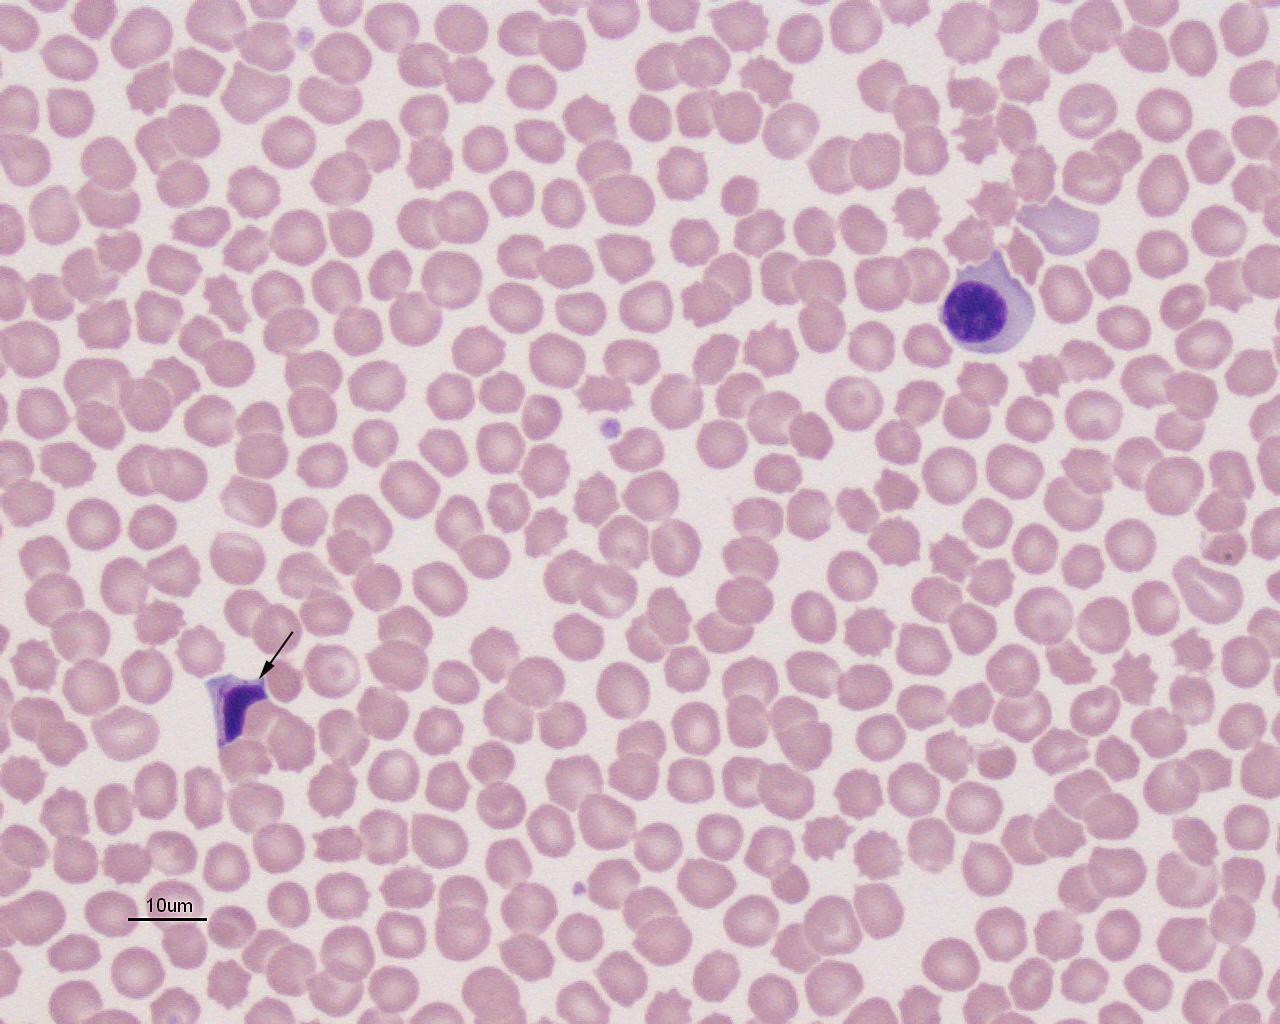 nrbc apoptotic